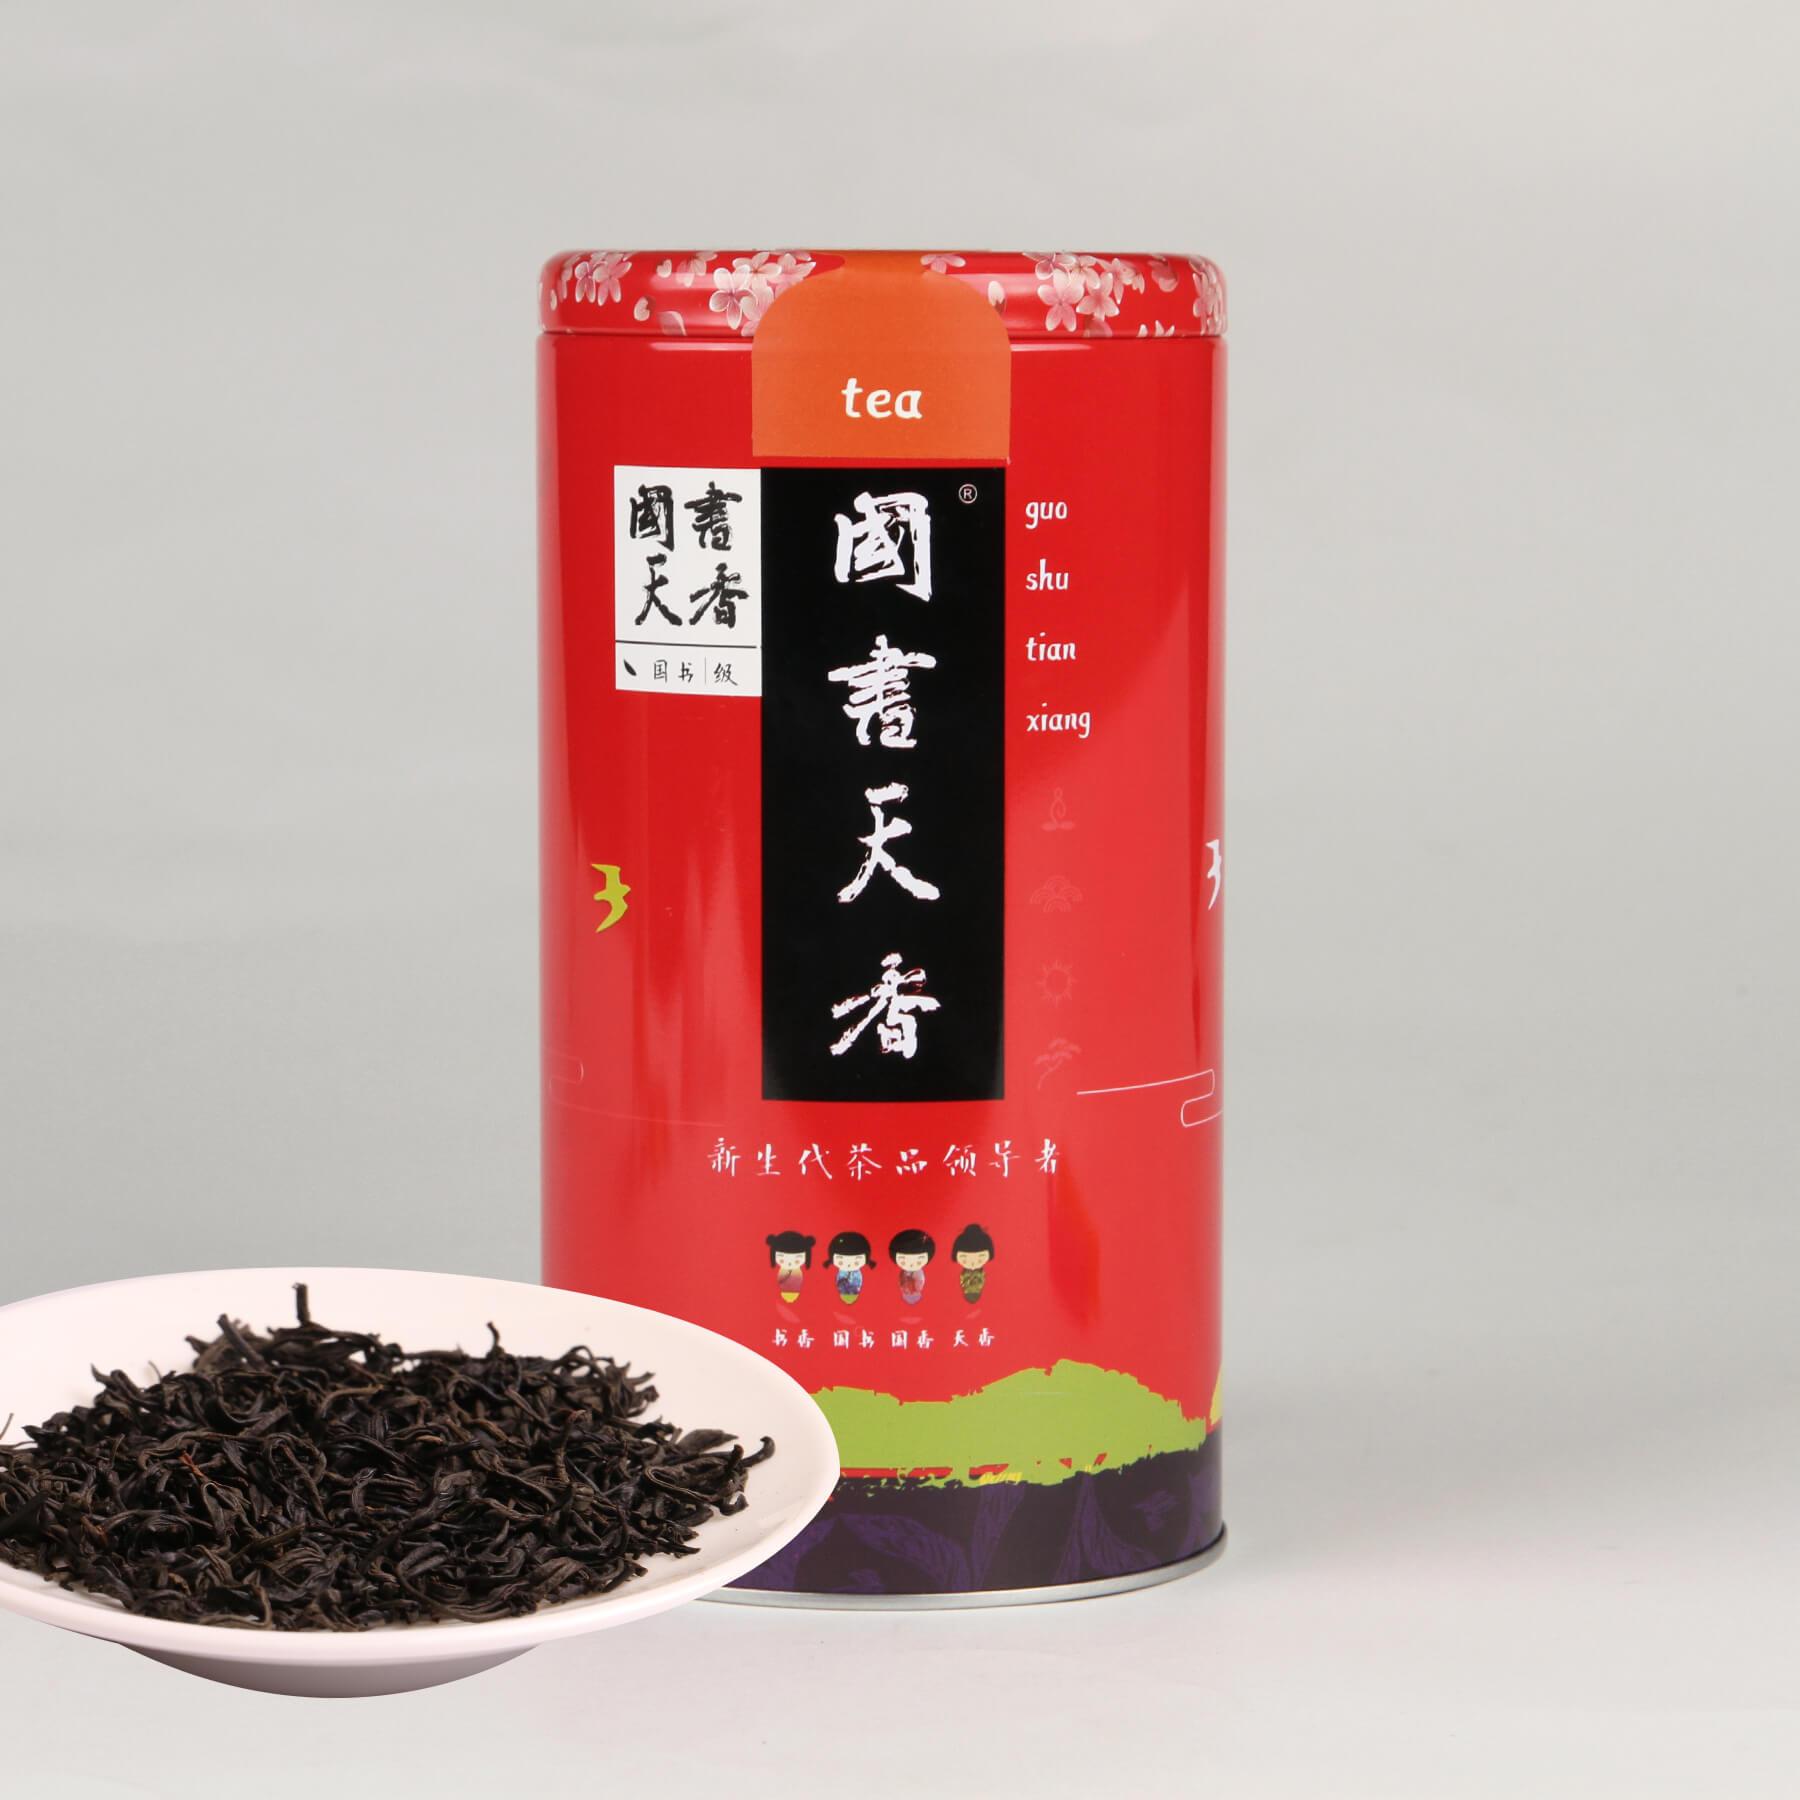 一级宜兴红茶(2016)红茶价格360元/斤